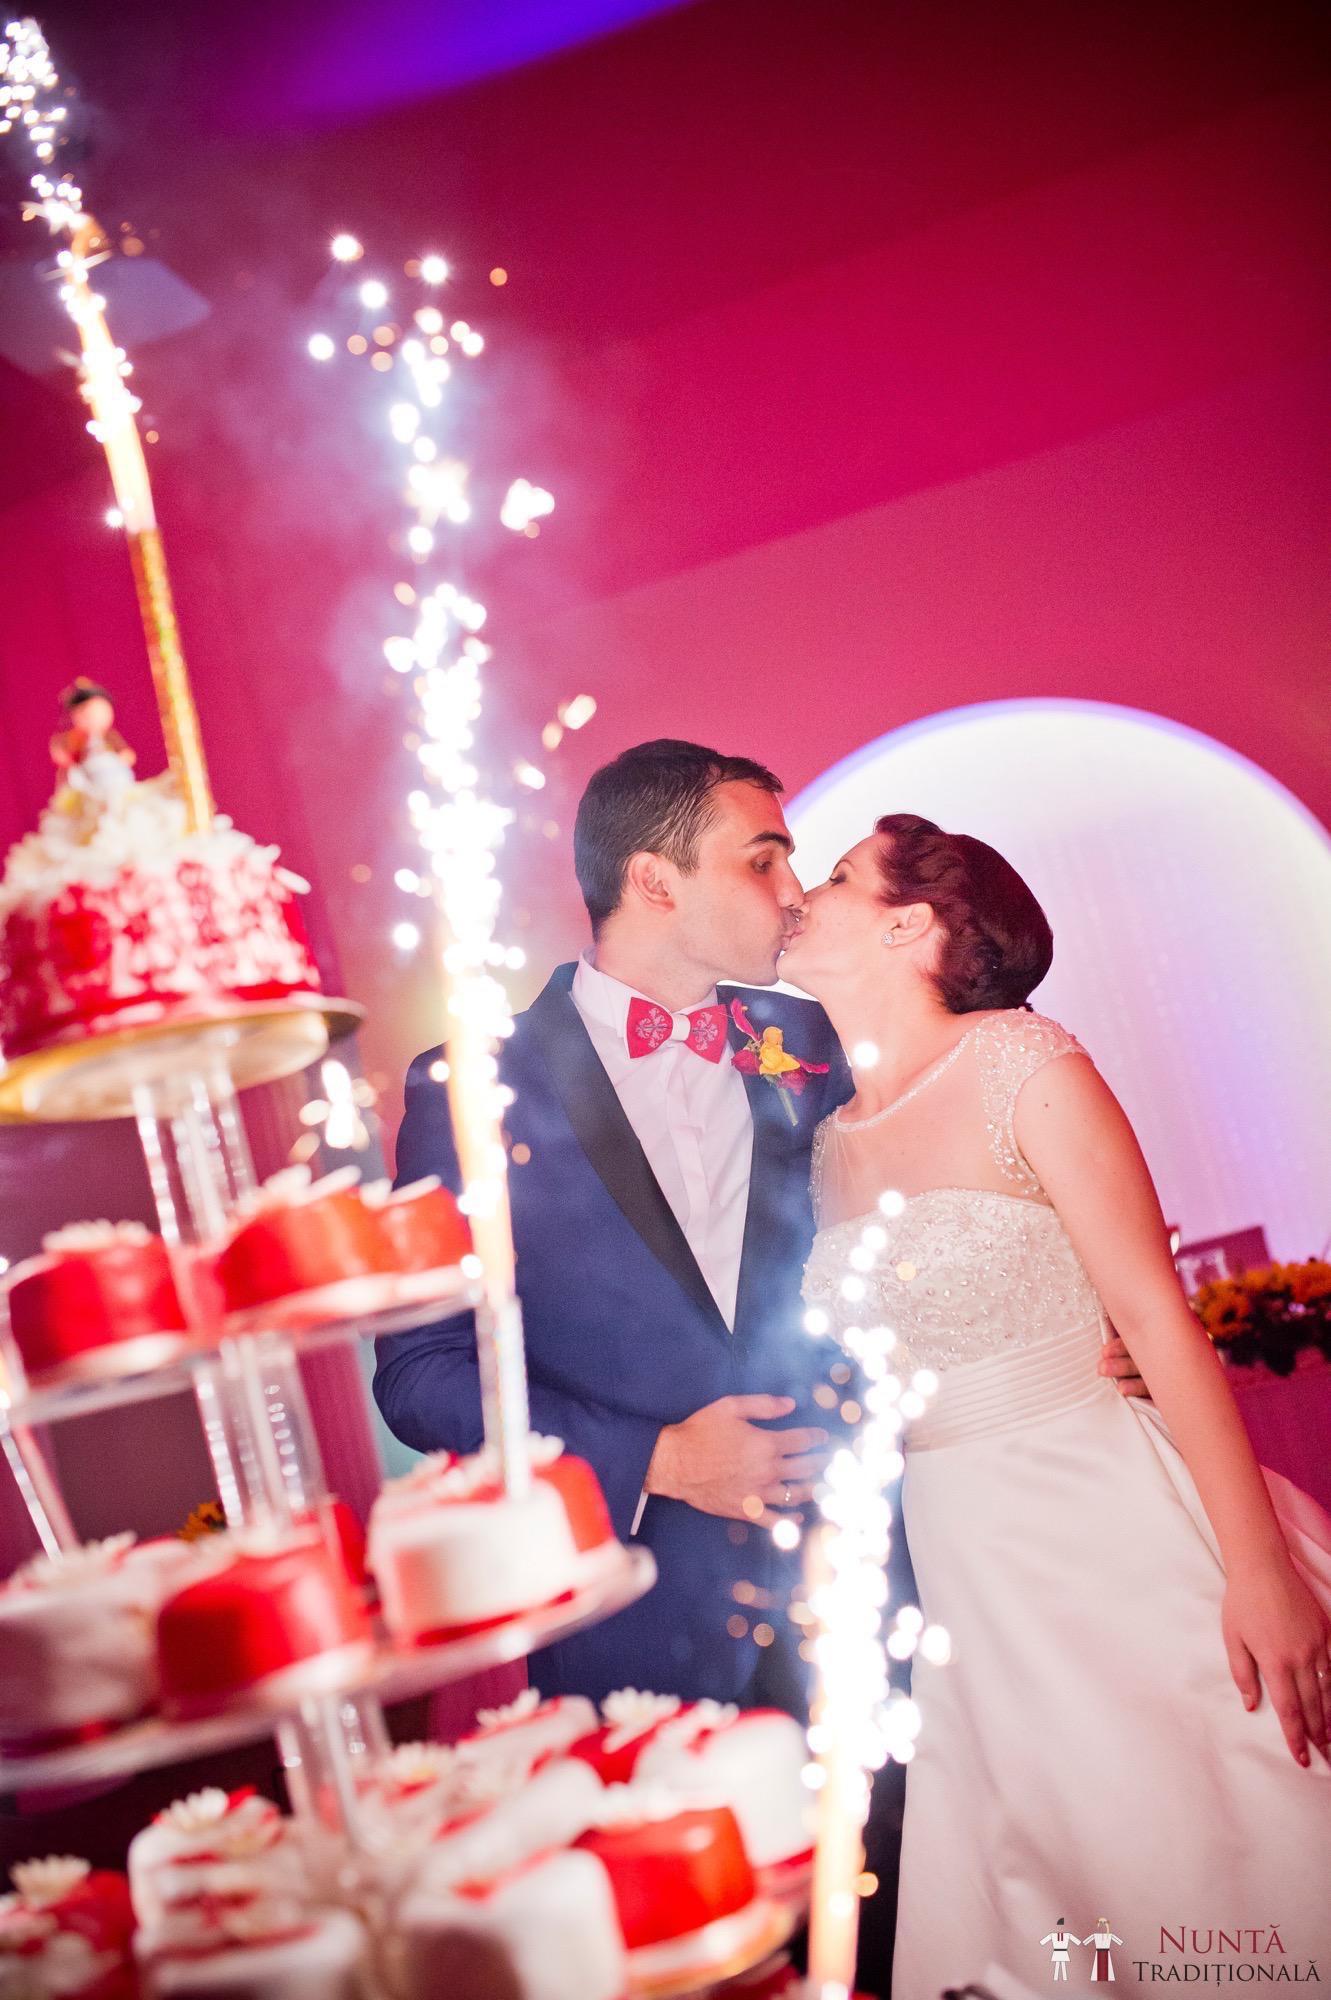 Povești Nunți Tradiționale - Gabriela și Mădălin - Nuntă Tradițională în Suceava, Bucovina 42